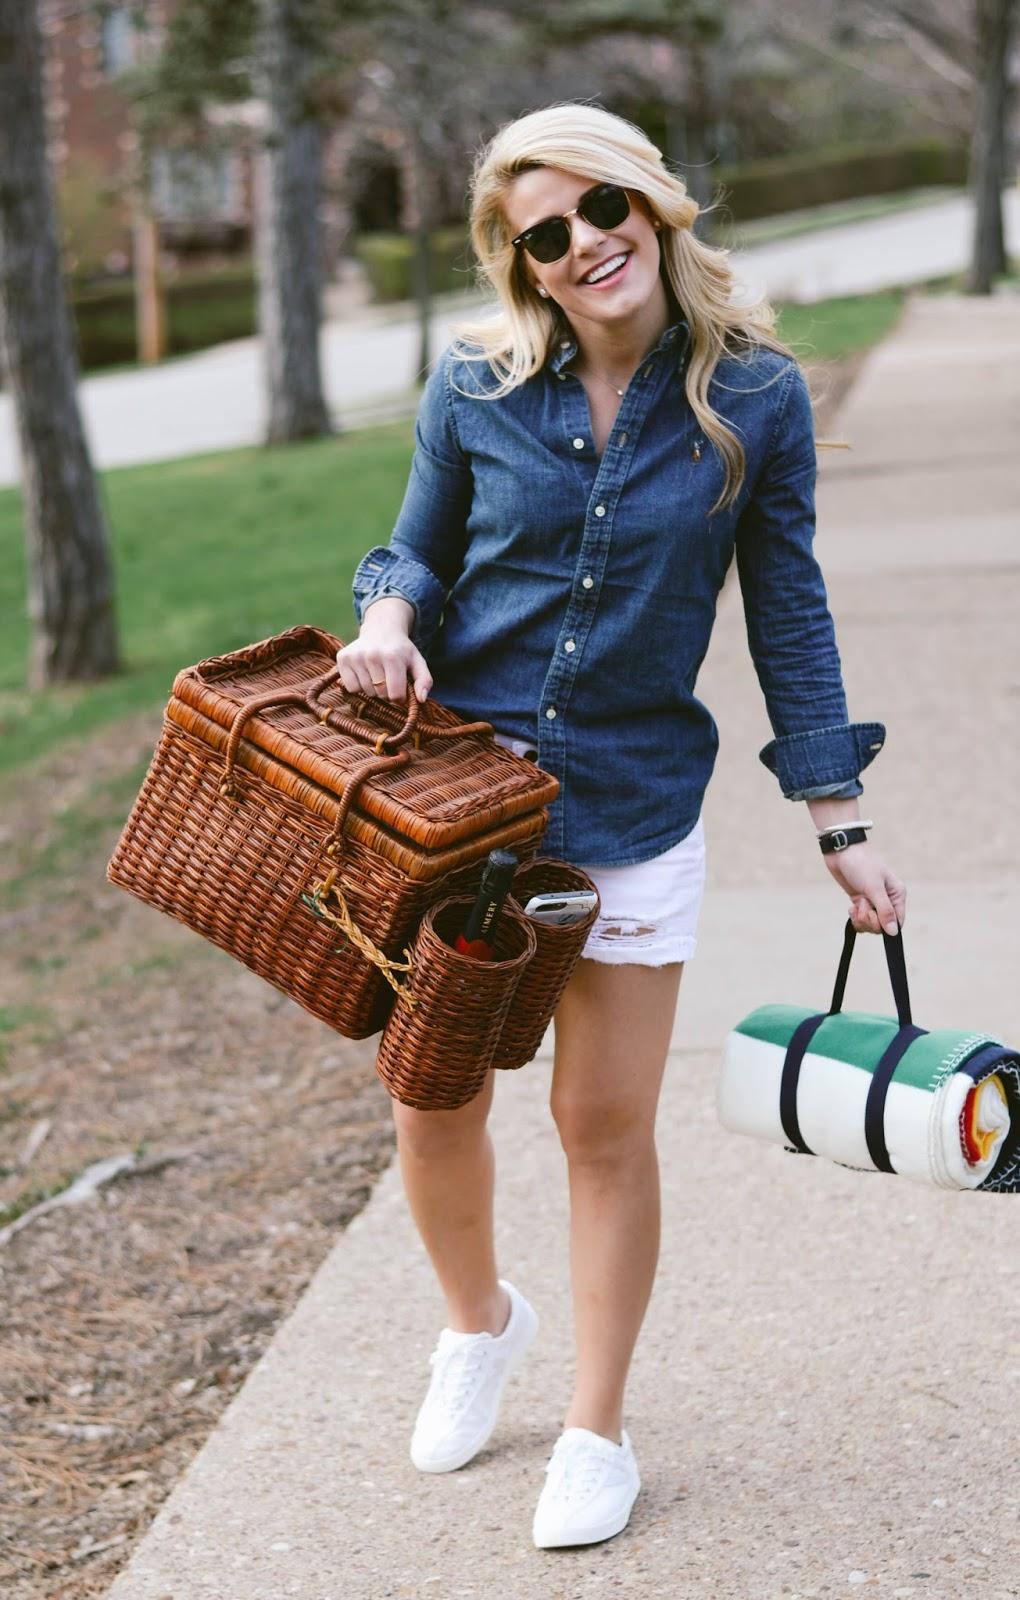 олигарху фото одежды для пикника нашем интернет-магазине можете